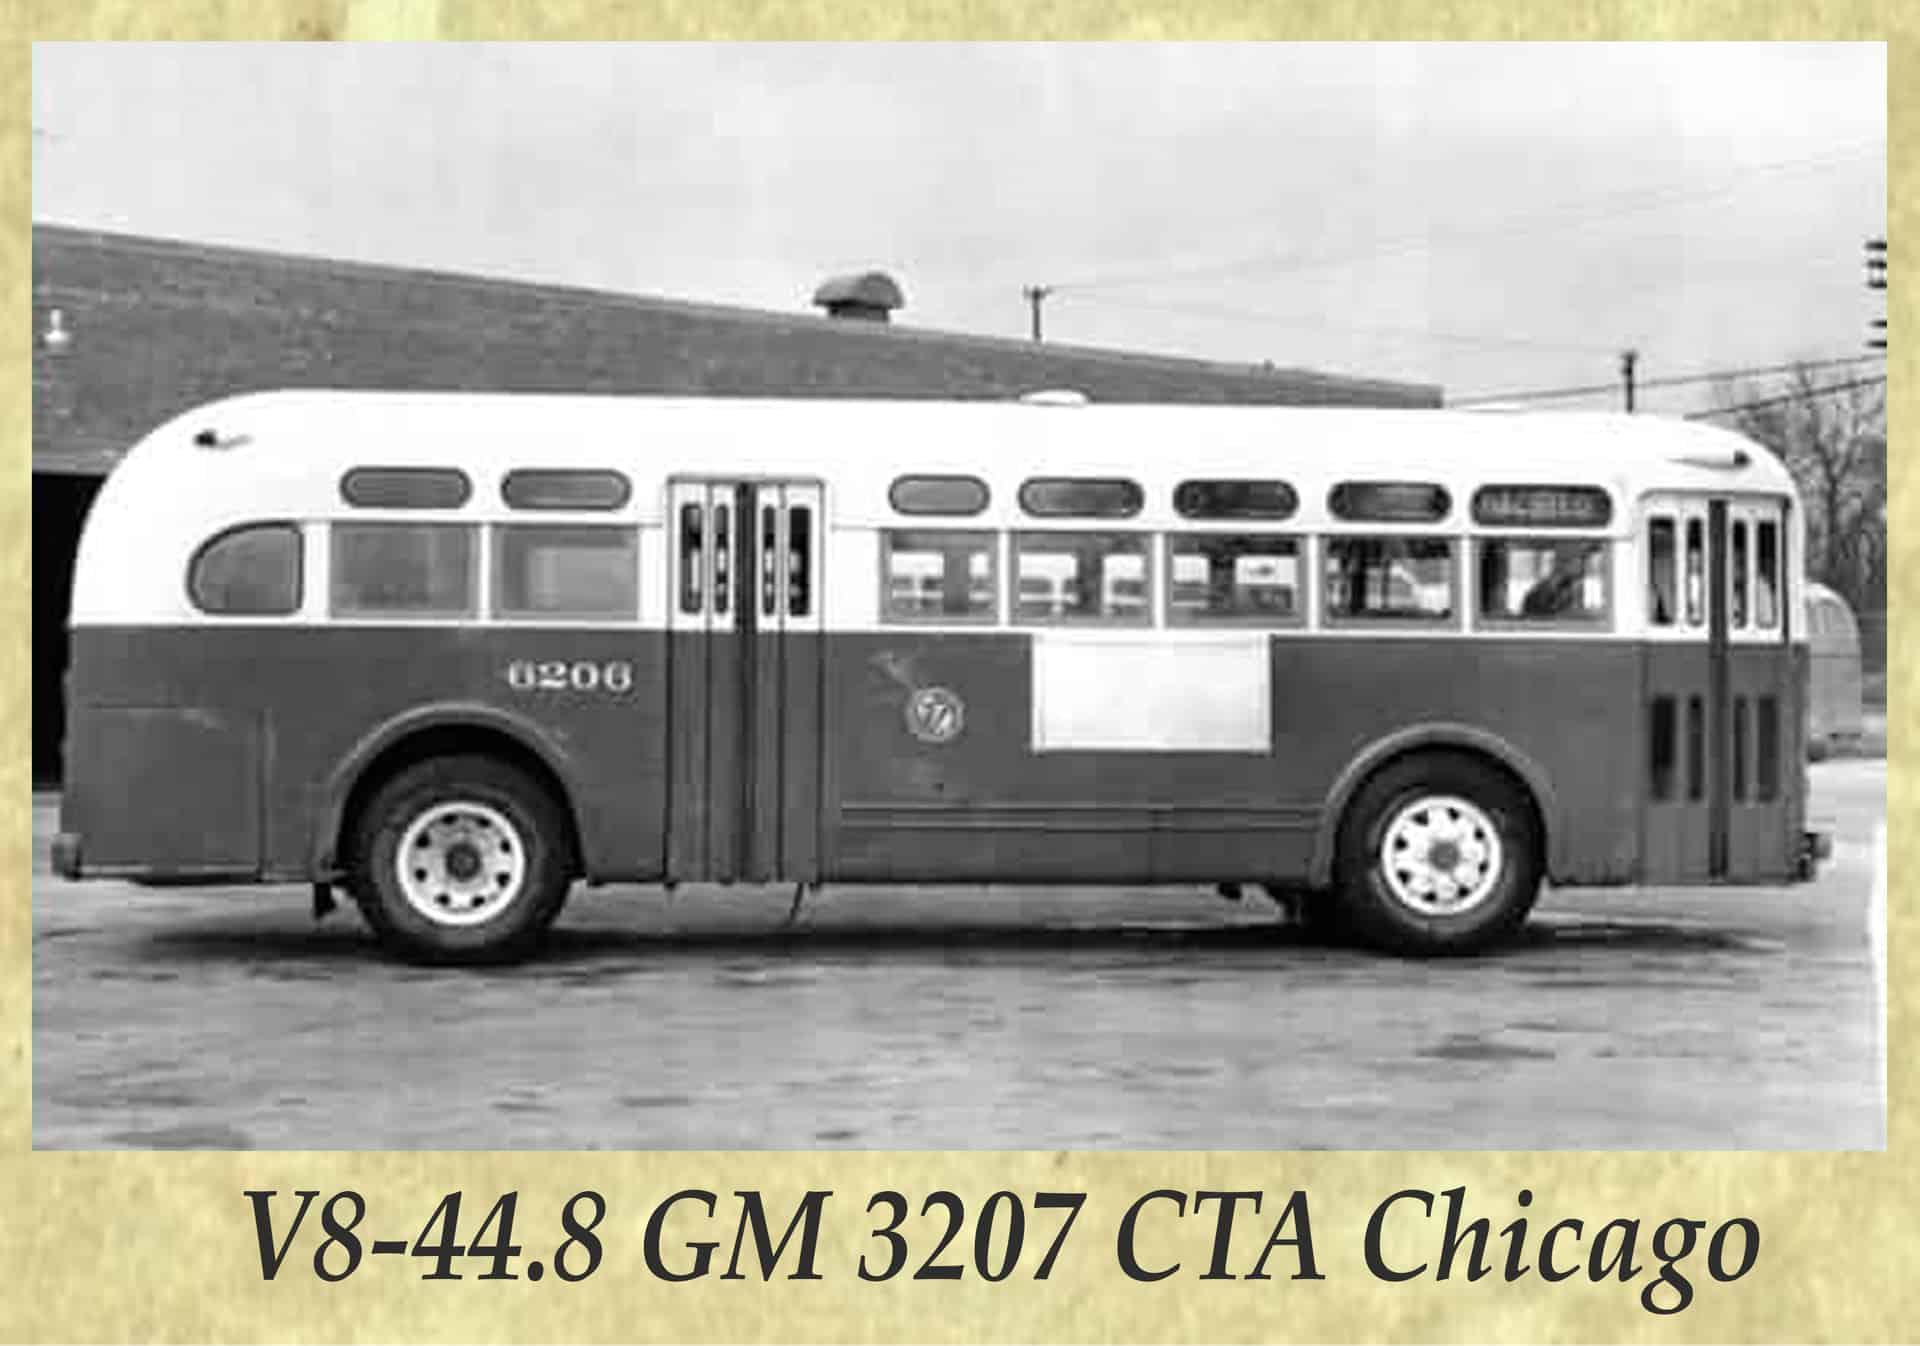 V8-44.8 GM 3207 CTA Chicago